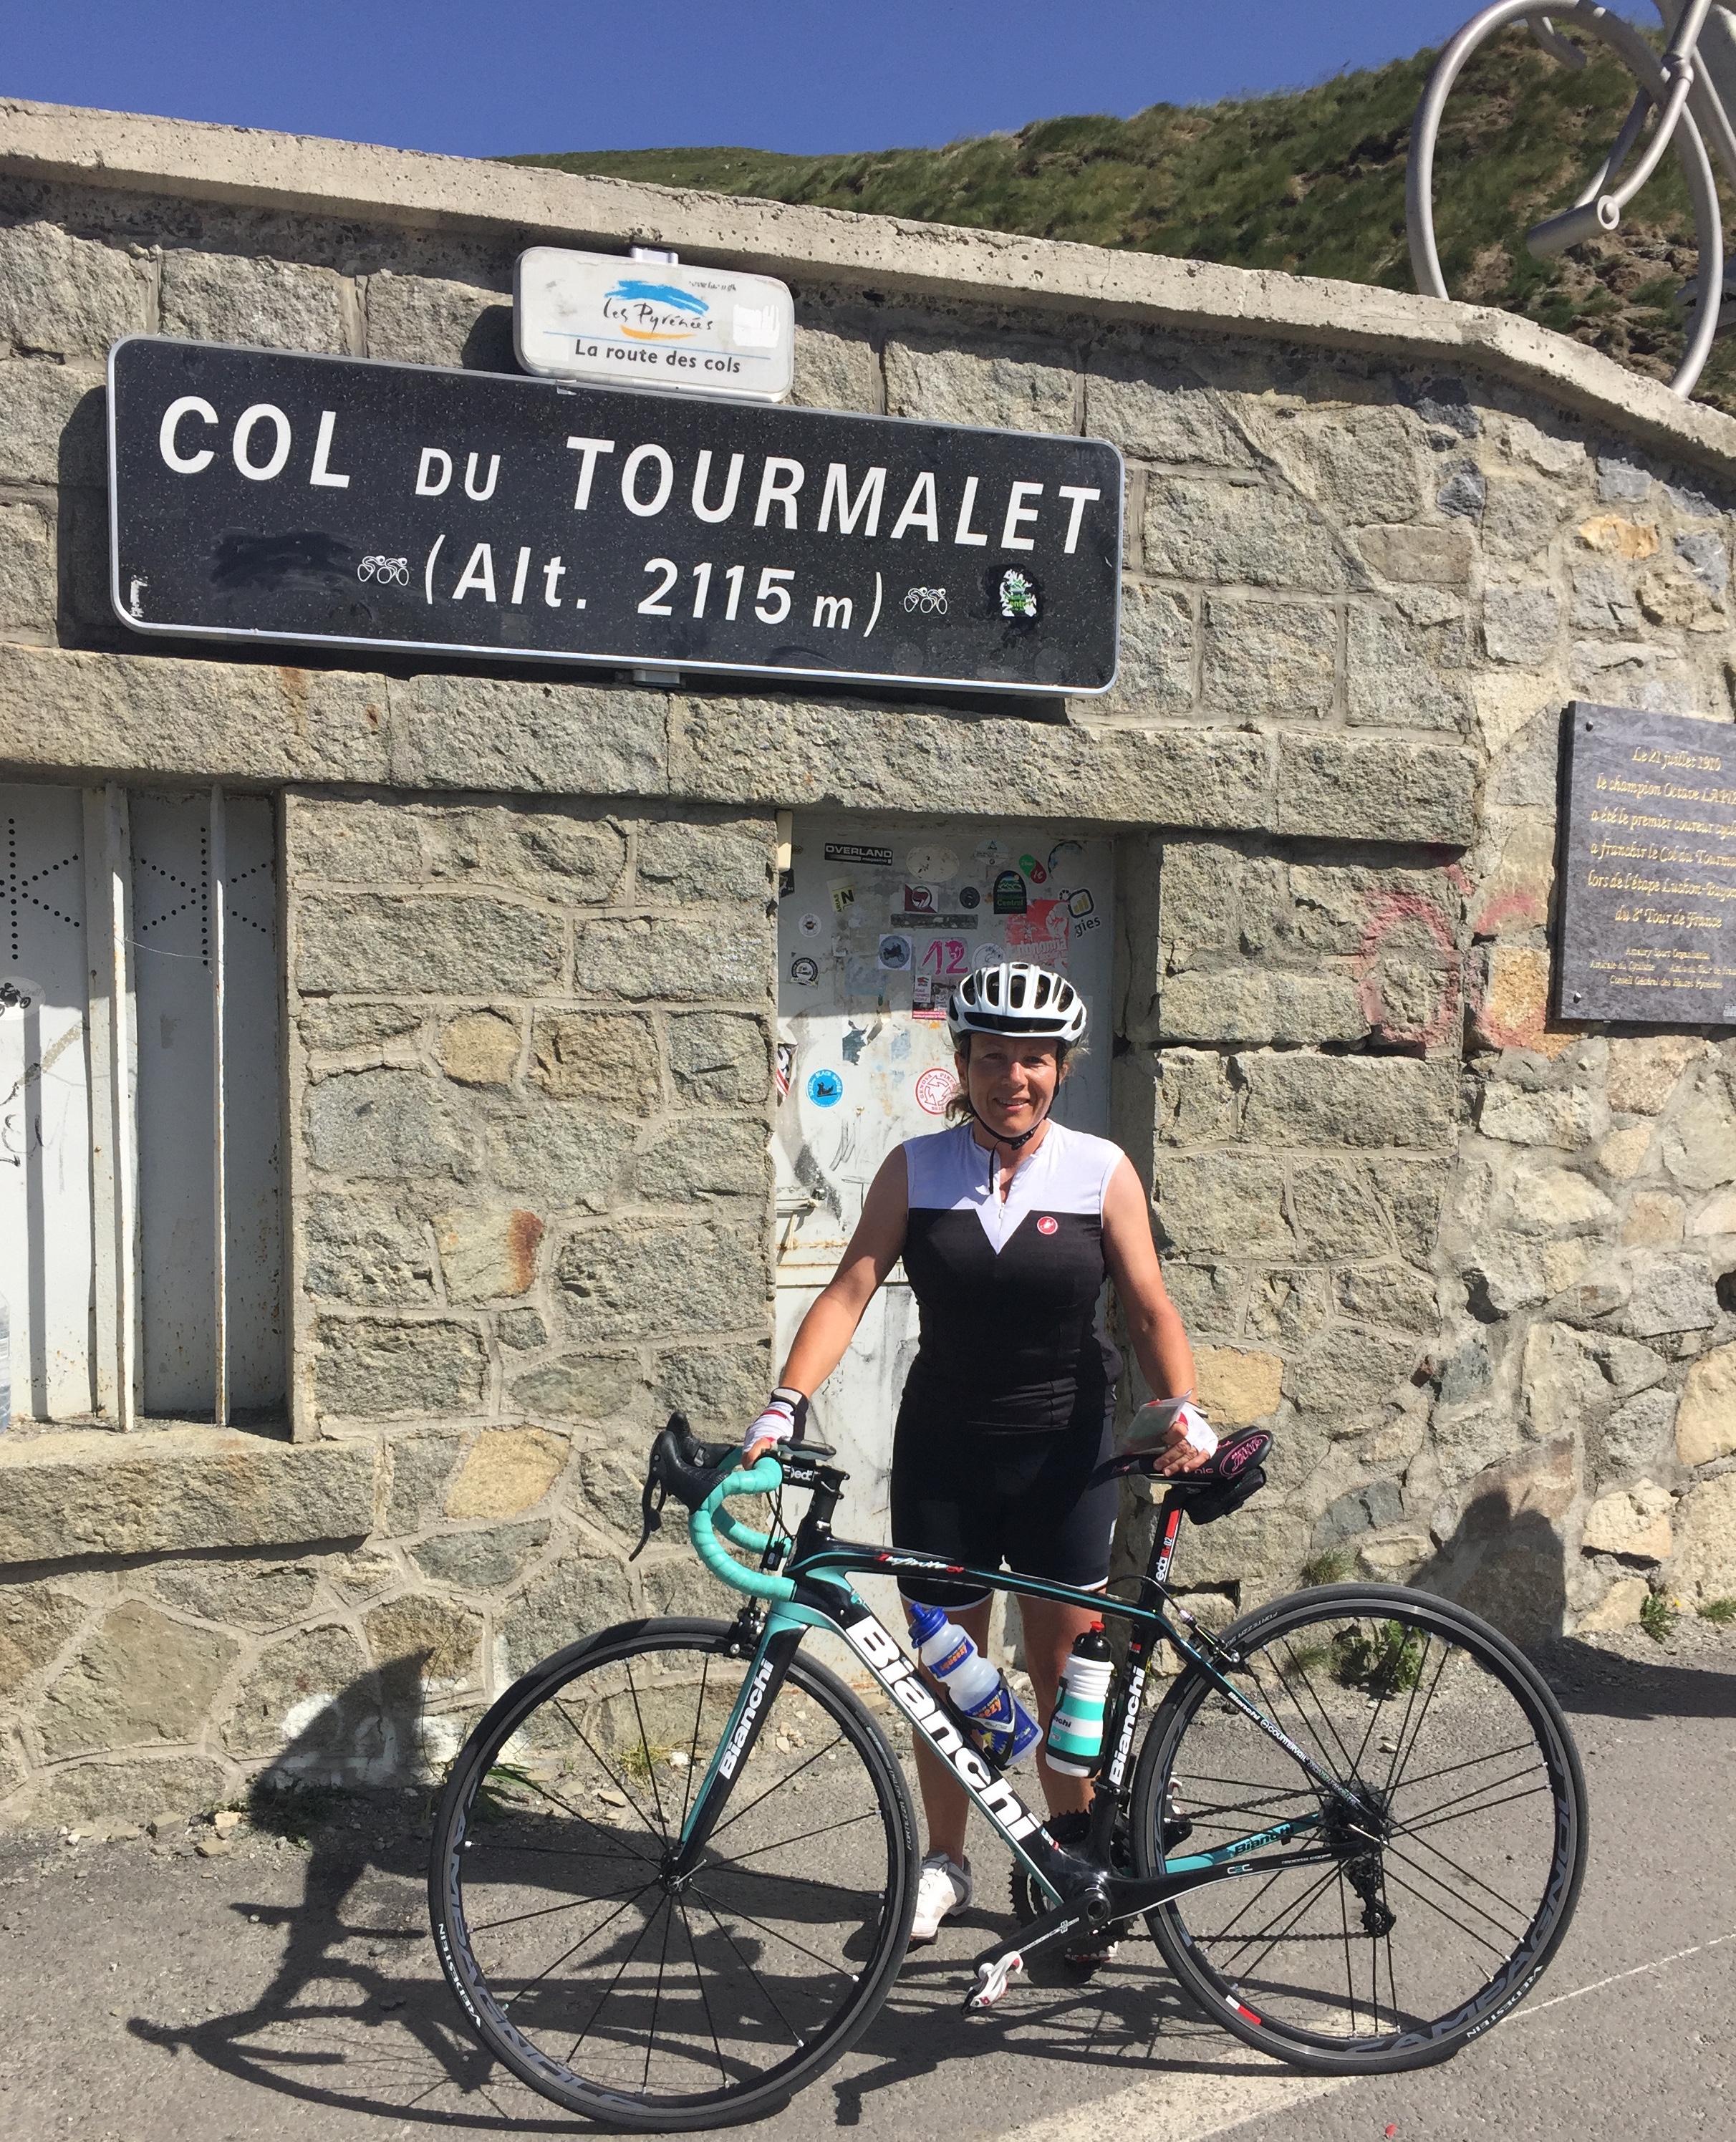 séjour cycliste 3 etapes du tour ellesfontduvelo